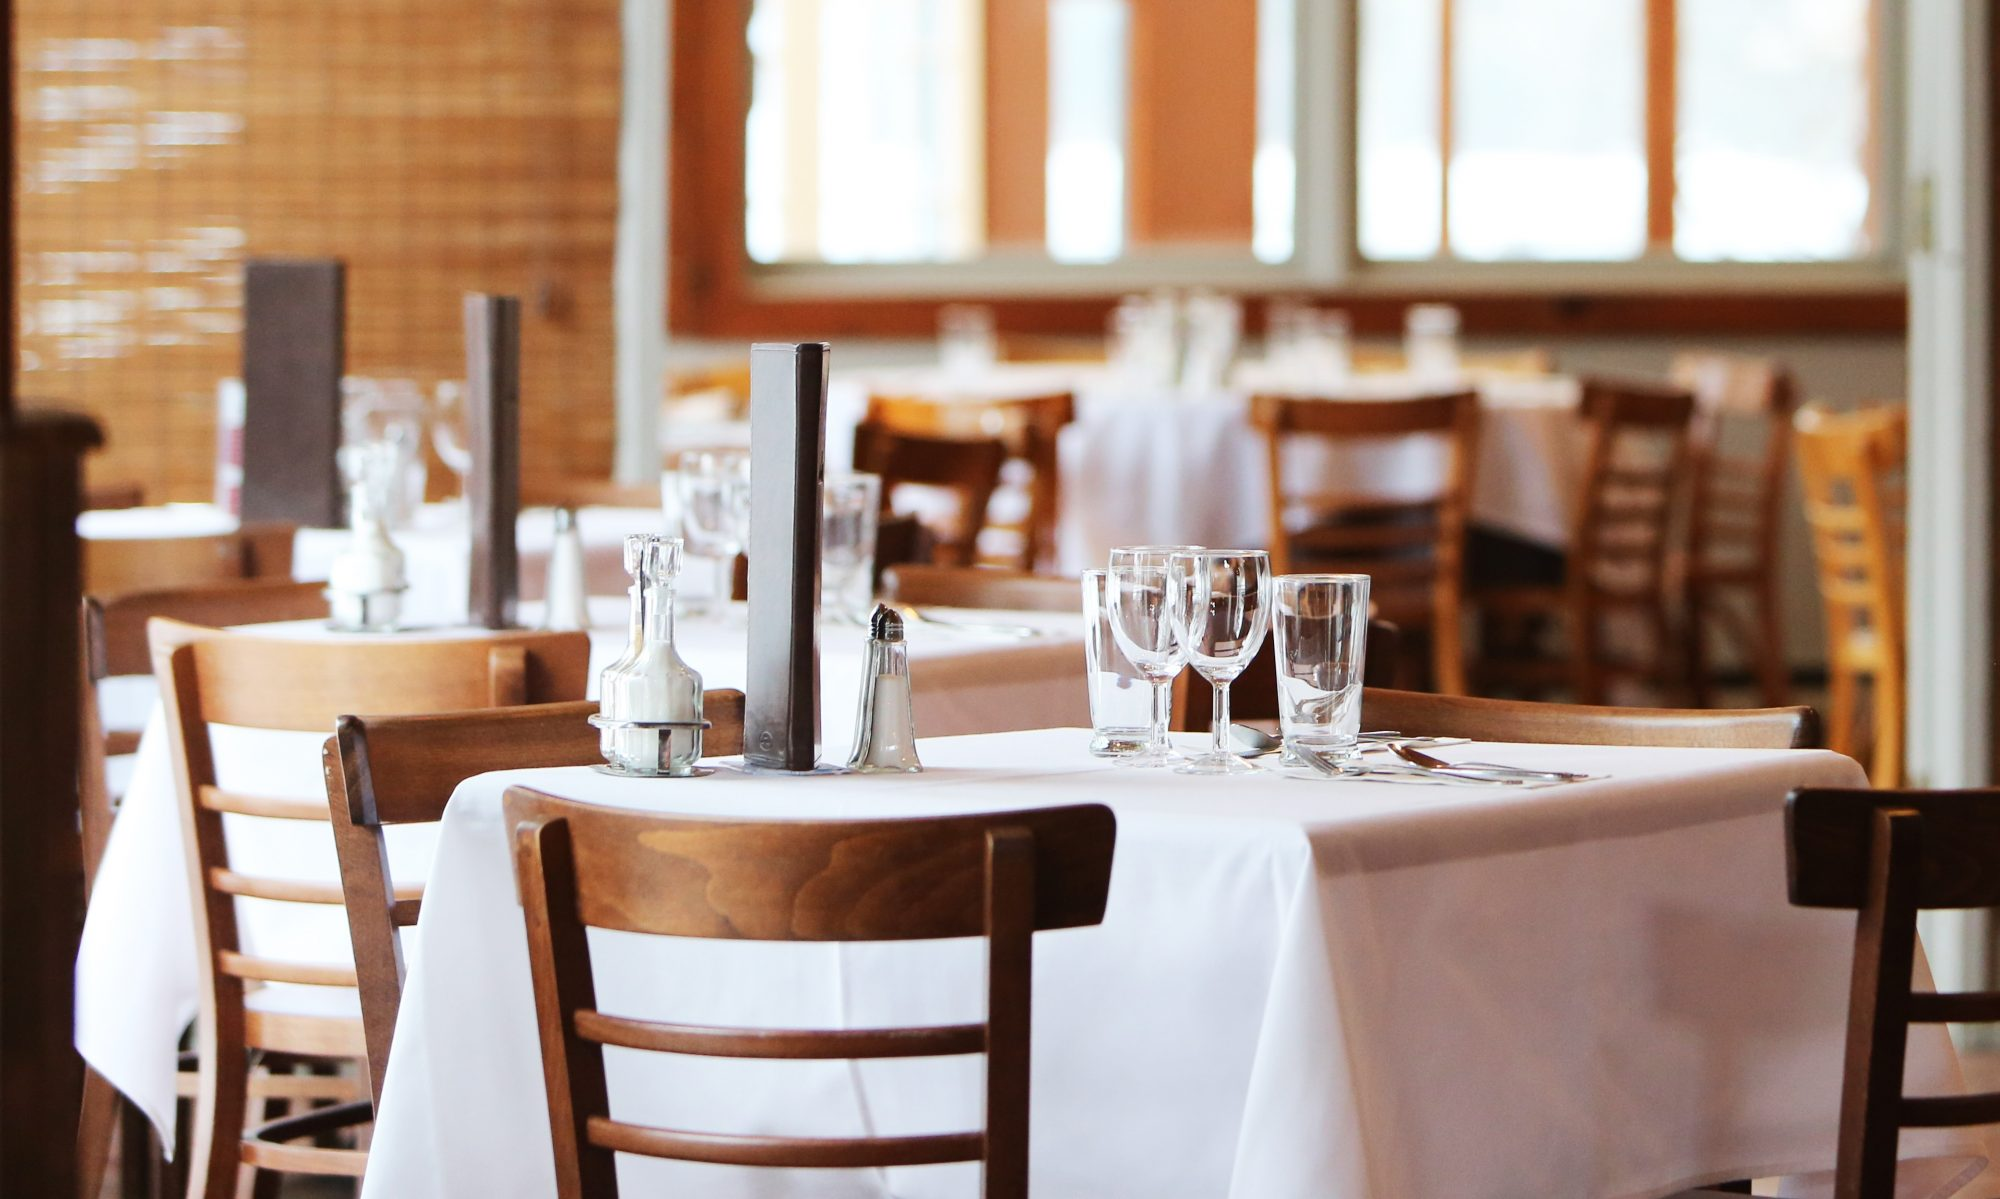 Modelo 137 sillas para restaurante - Silla de restaurante ...